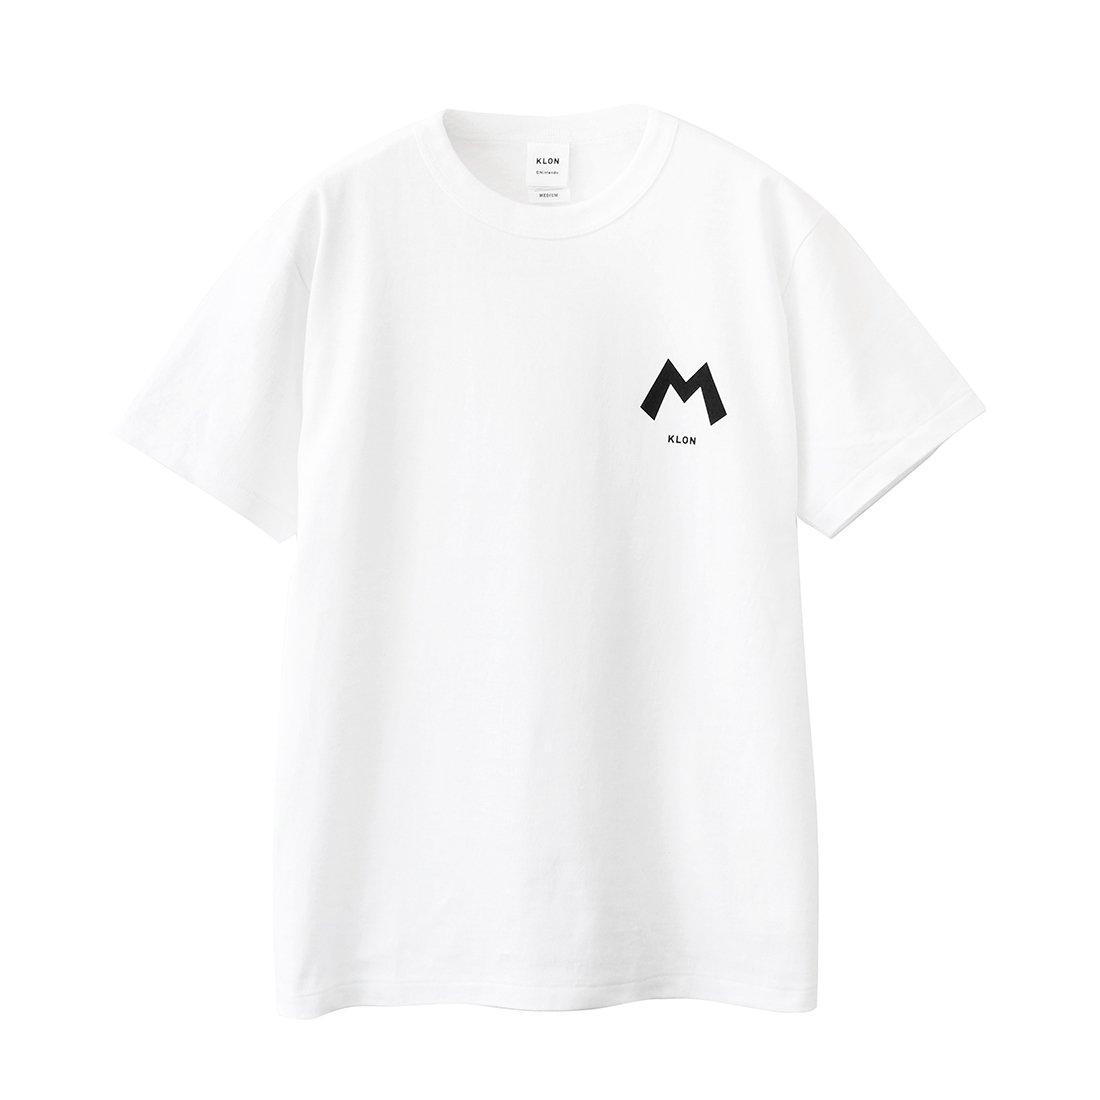 KLON Tshirts Initial M(SUPER MARIO)